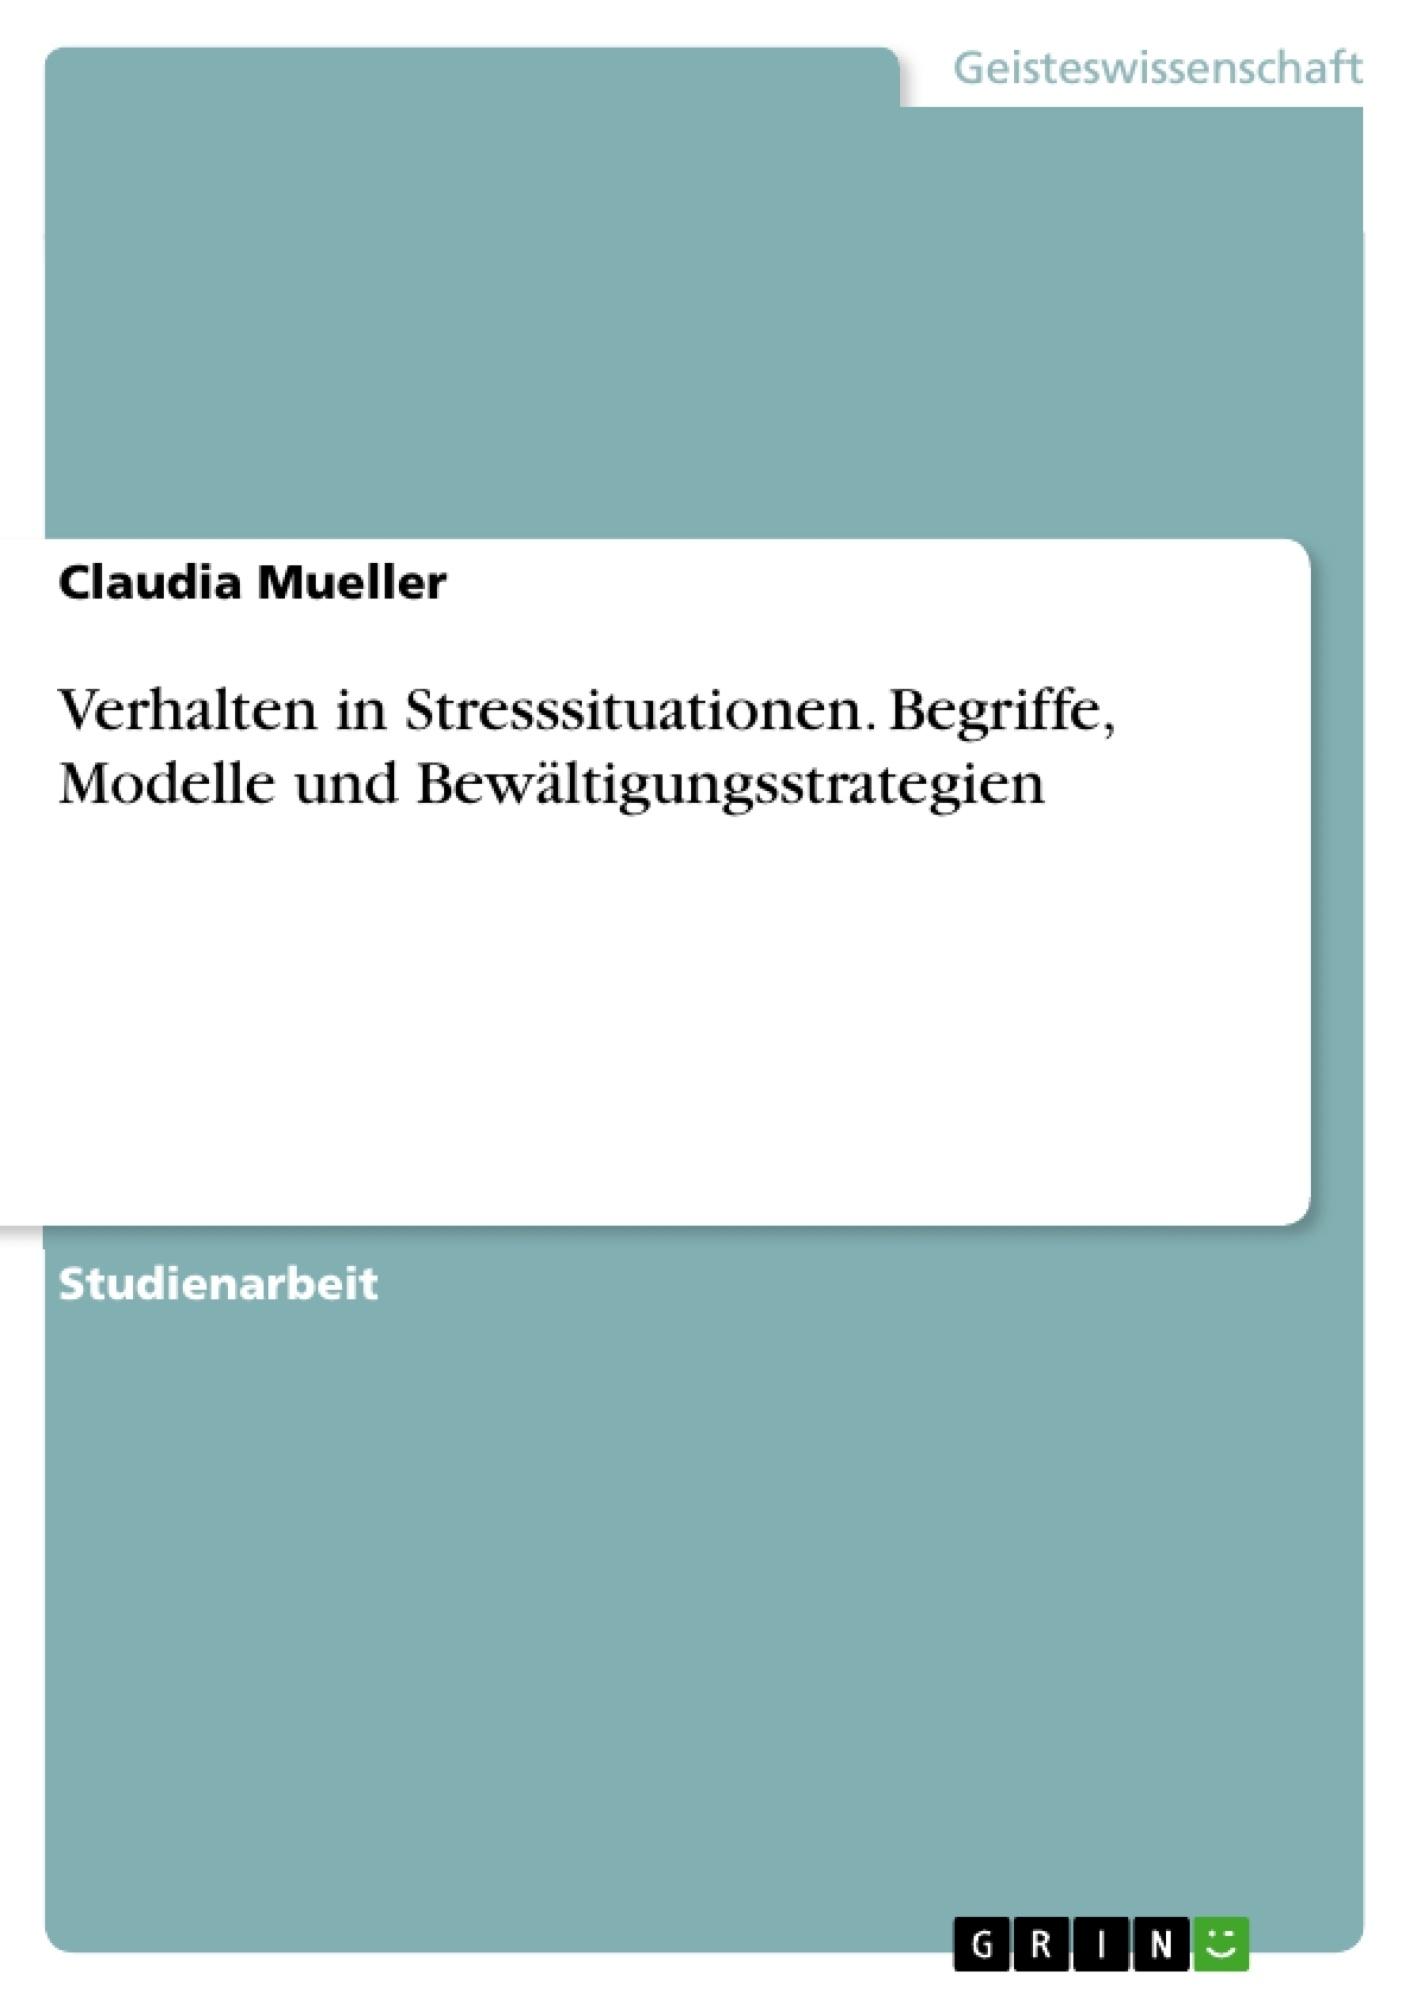 Titel: Verhalten in Stresssituationen. Begriffe, Modelle und Bewältigungsstrategien